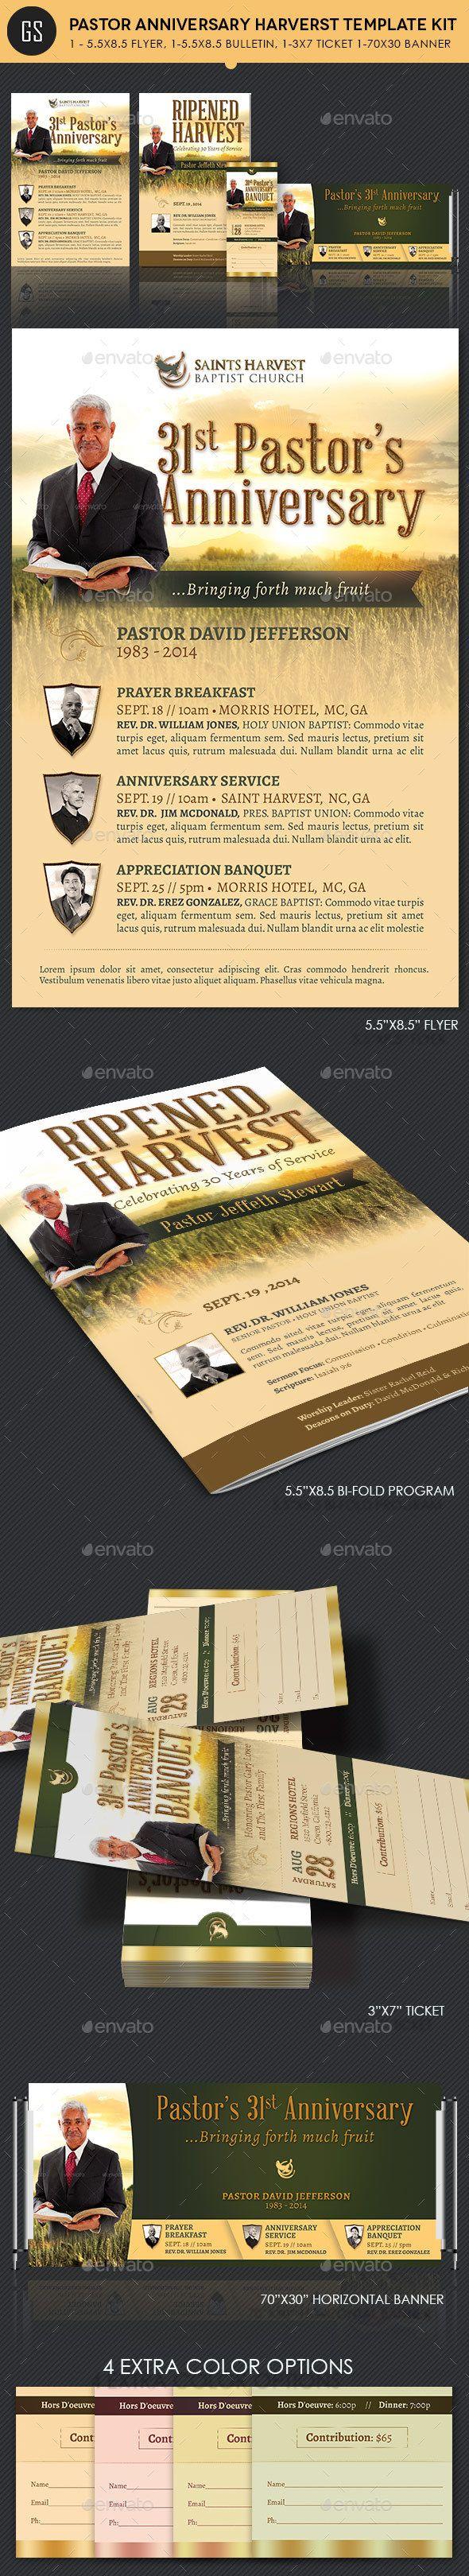 Pastor Anniversary Harvest Template Kit 14 best